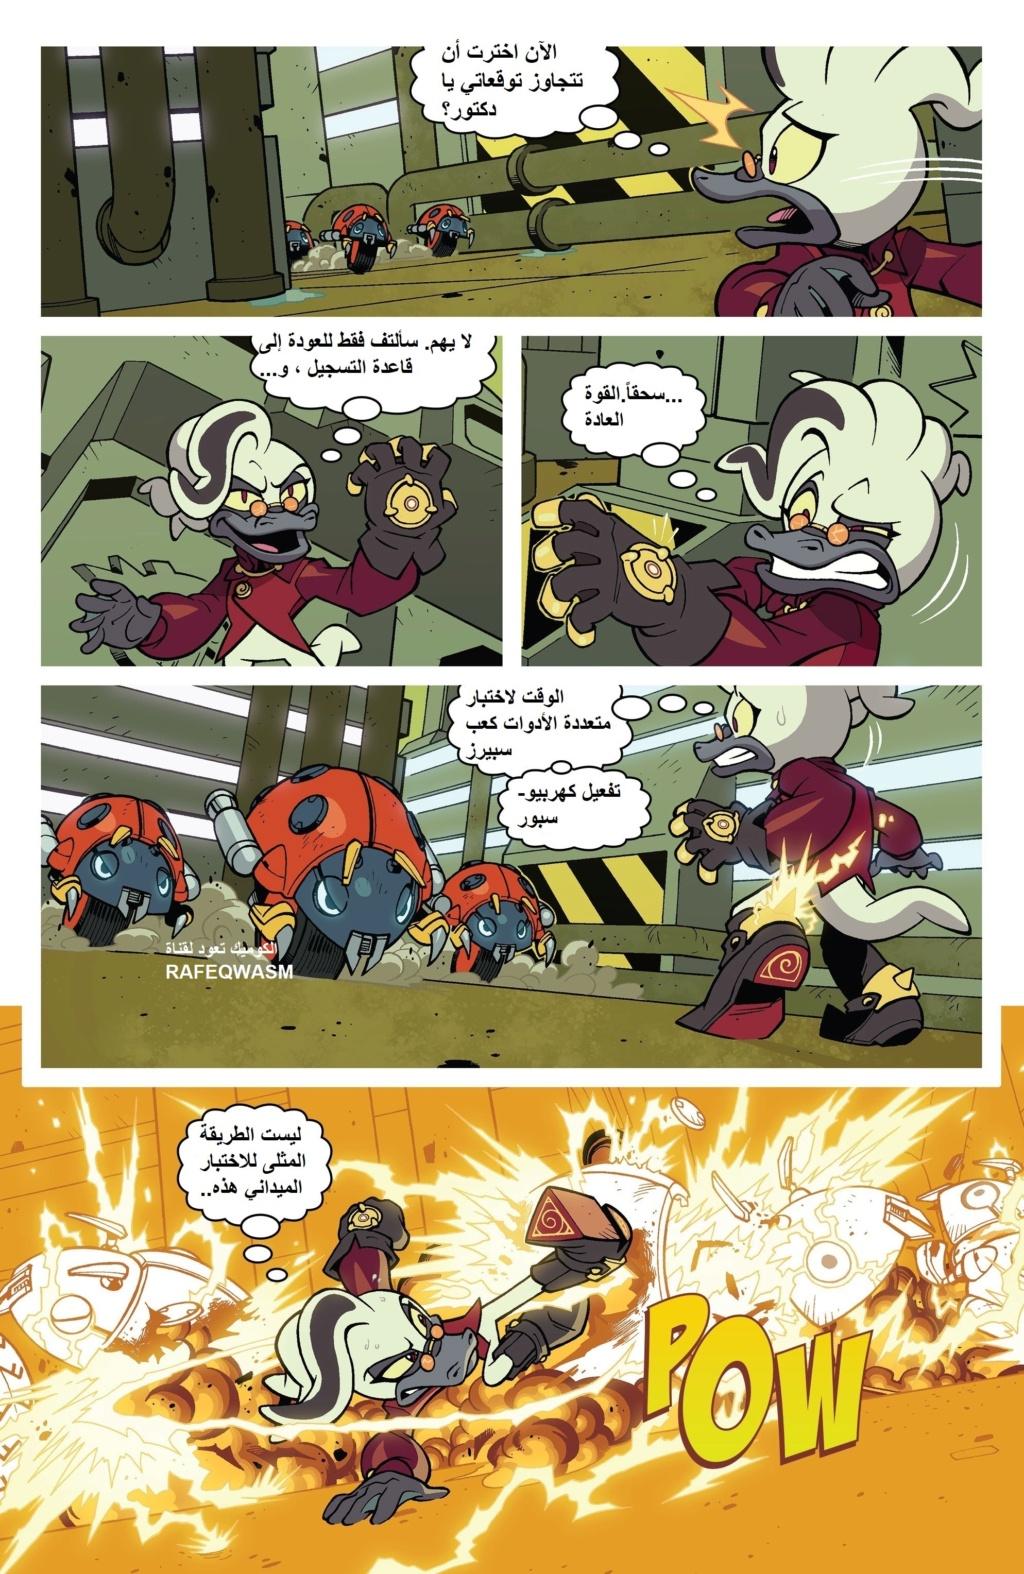 سونيك idw العدد الخاص bad guys العدد 1 كامل ومترجم Kisscl13